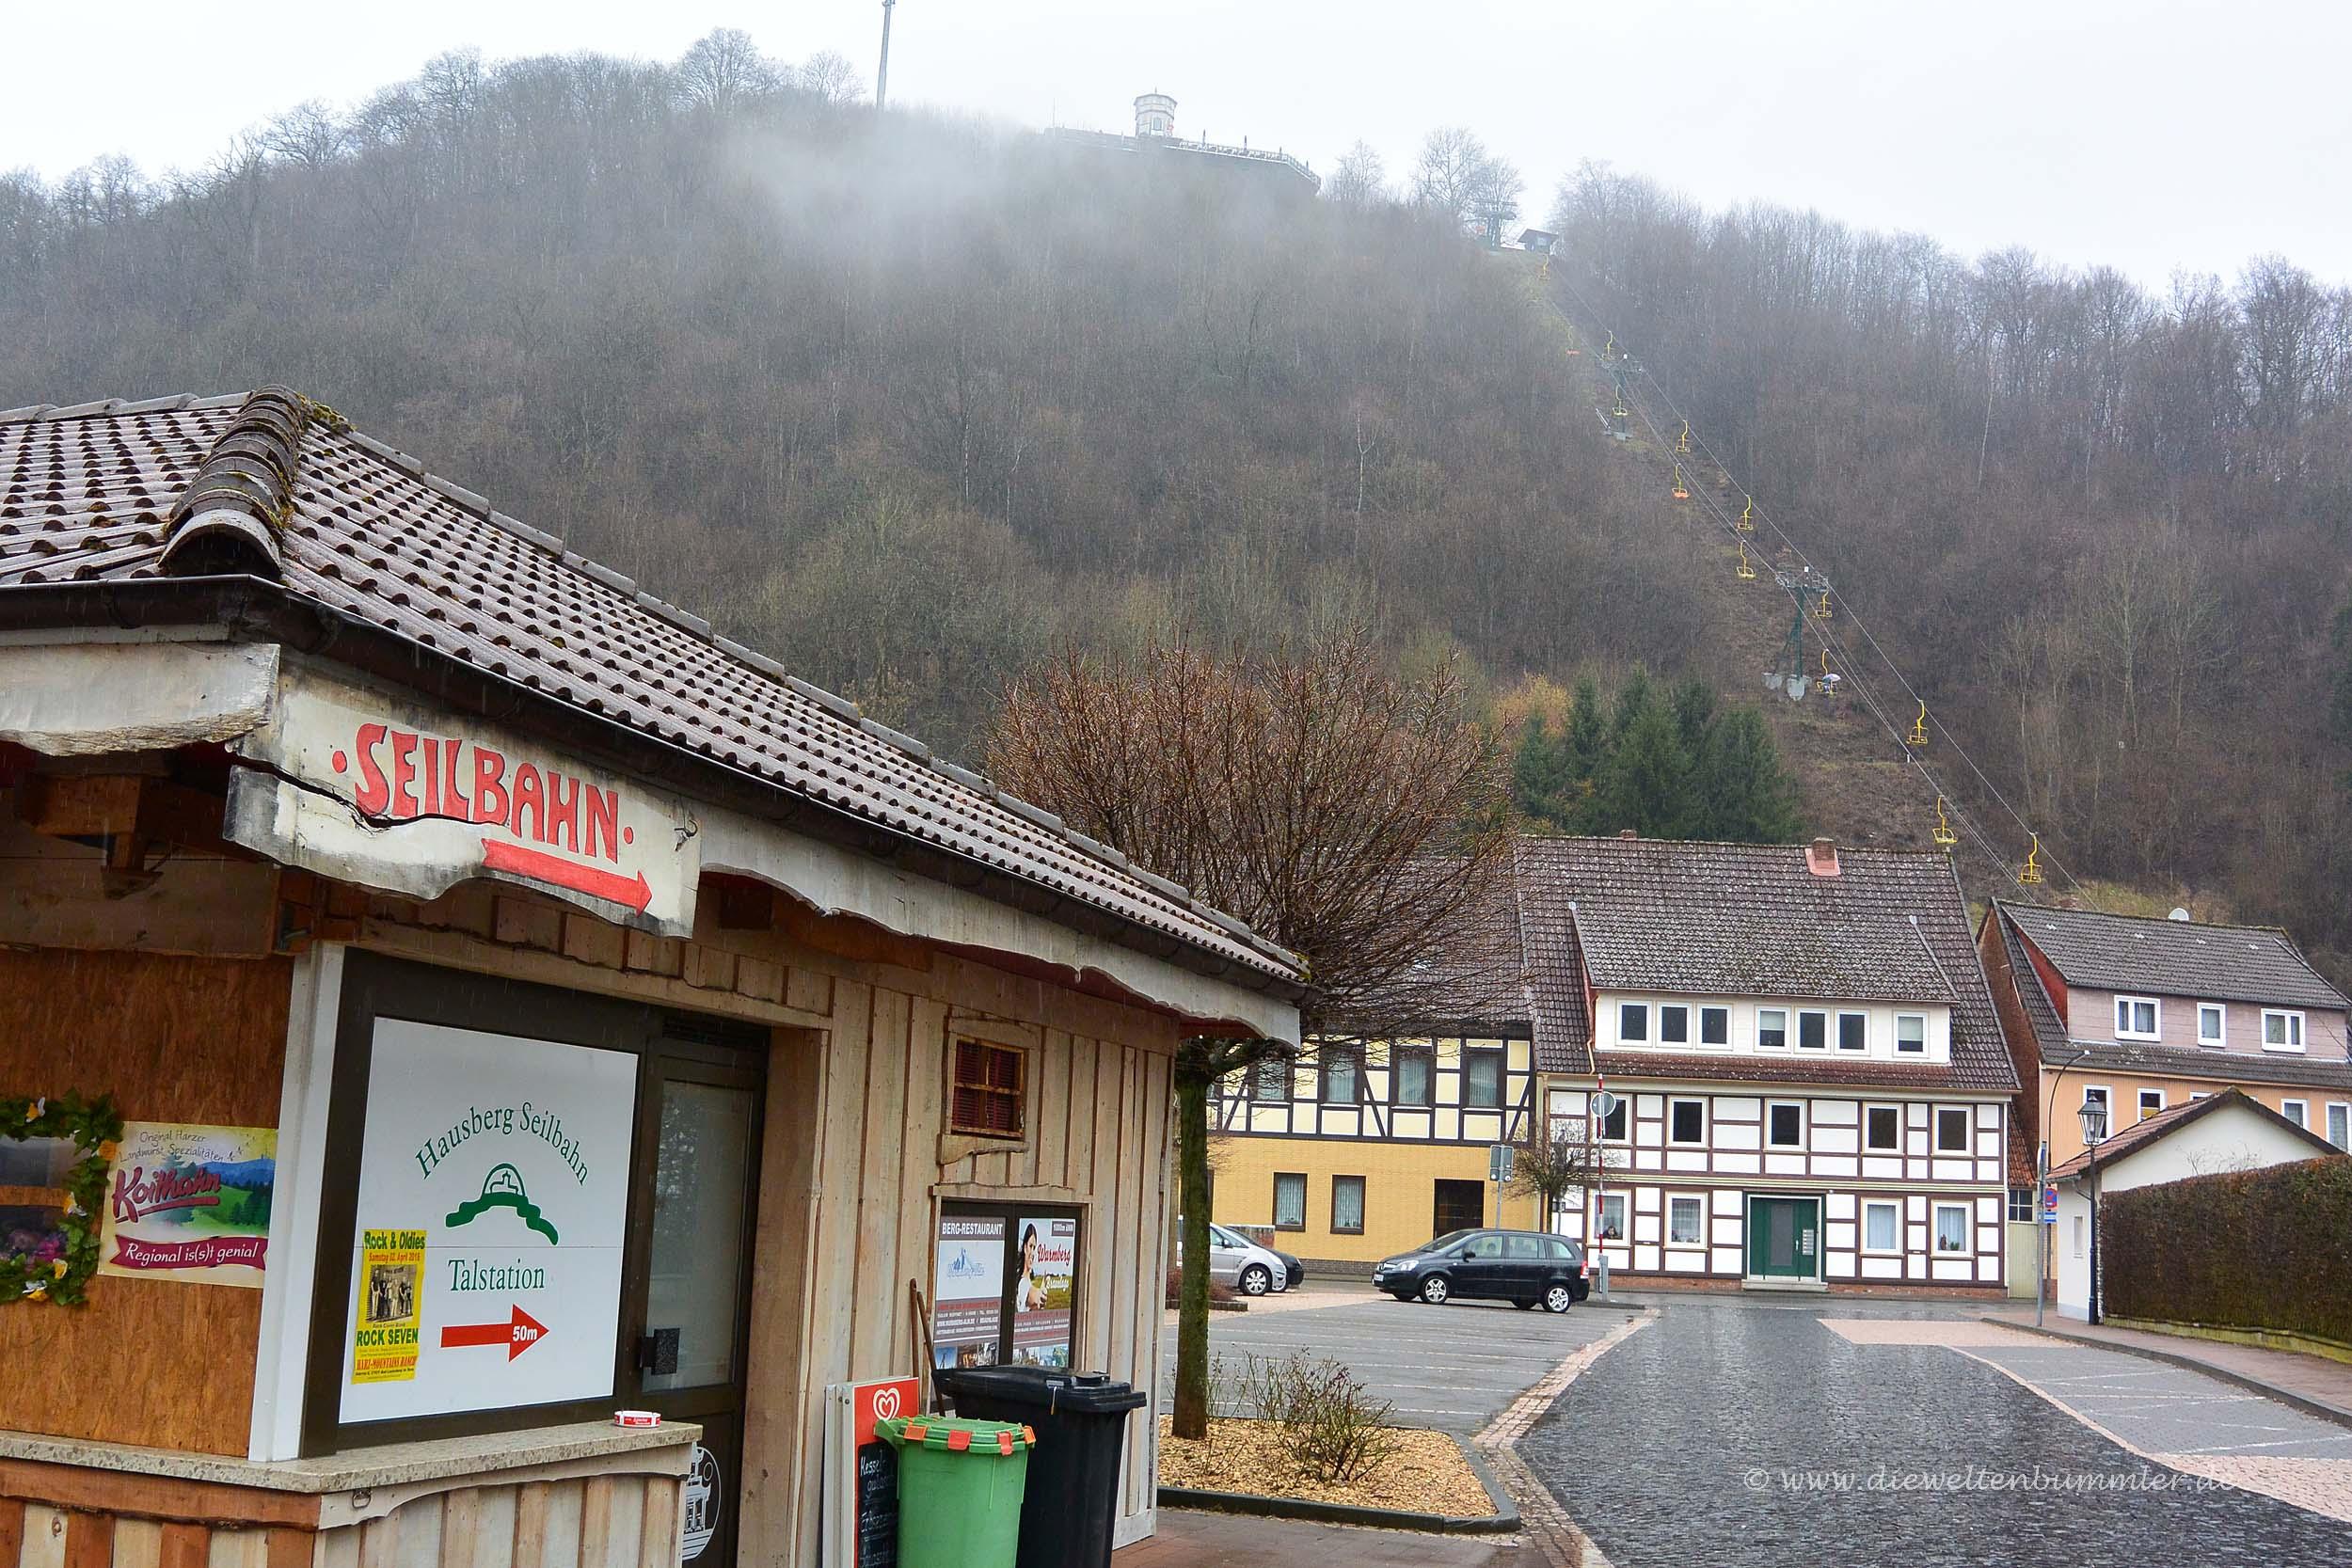 Schlechtes Wetter in Bad Lauterberg